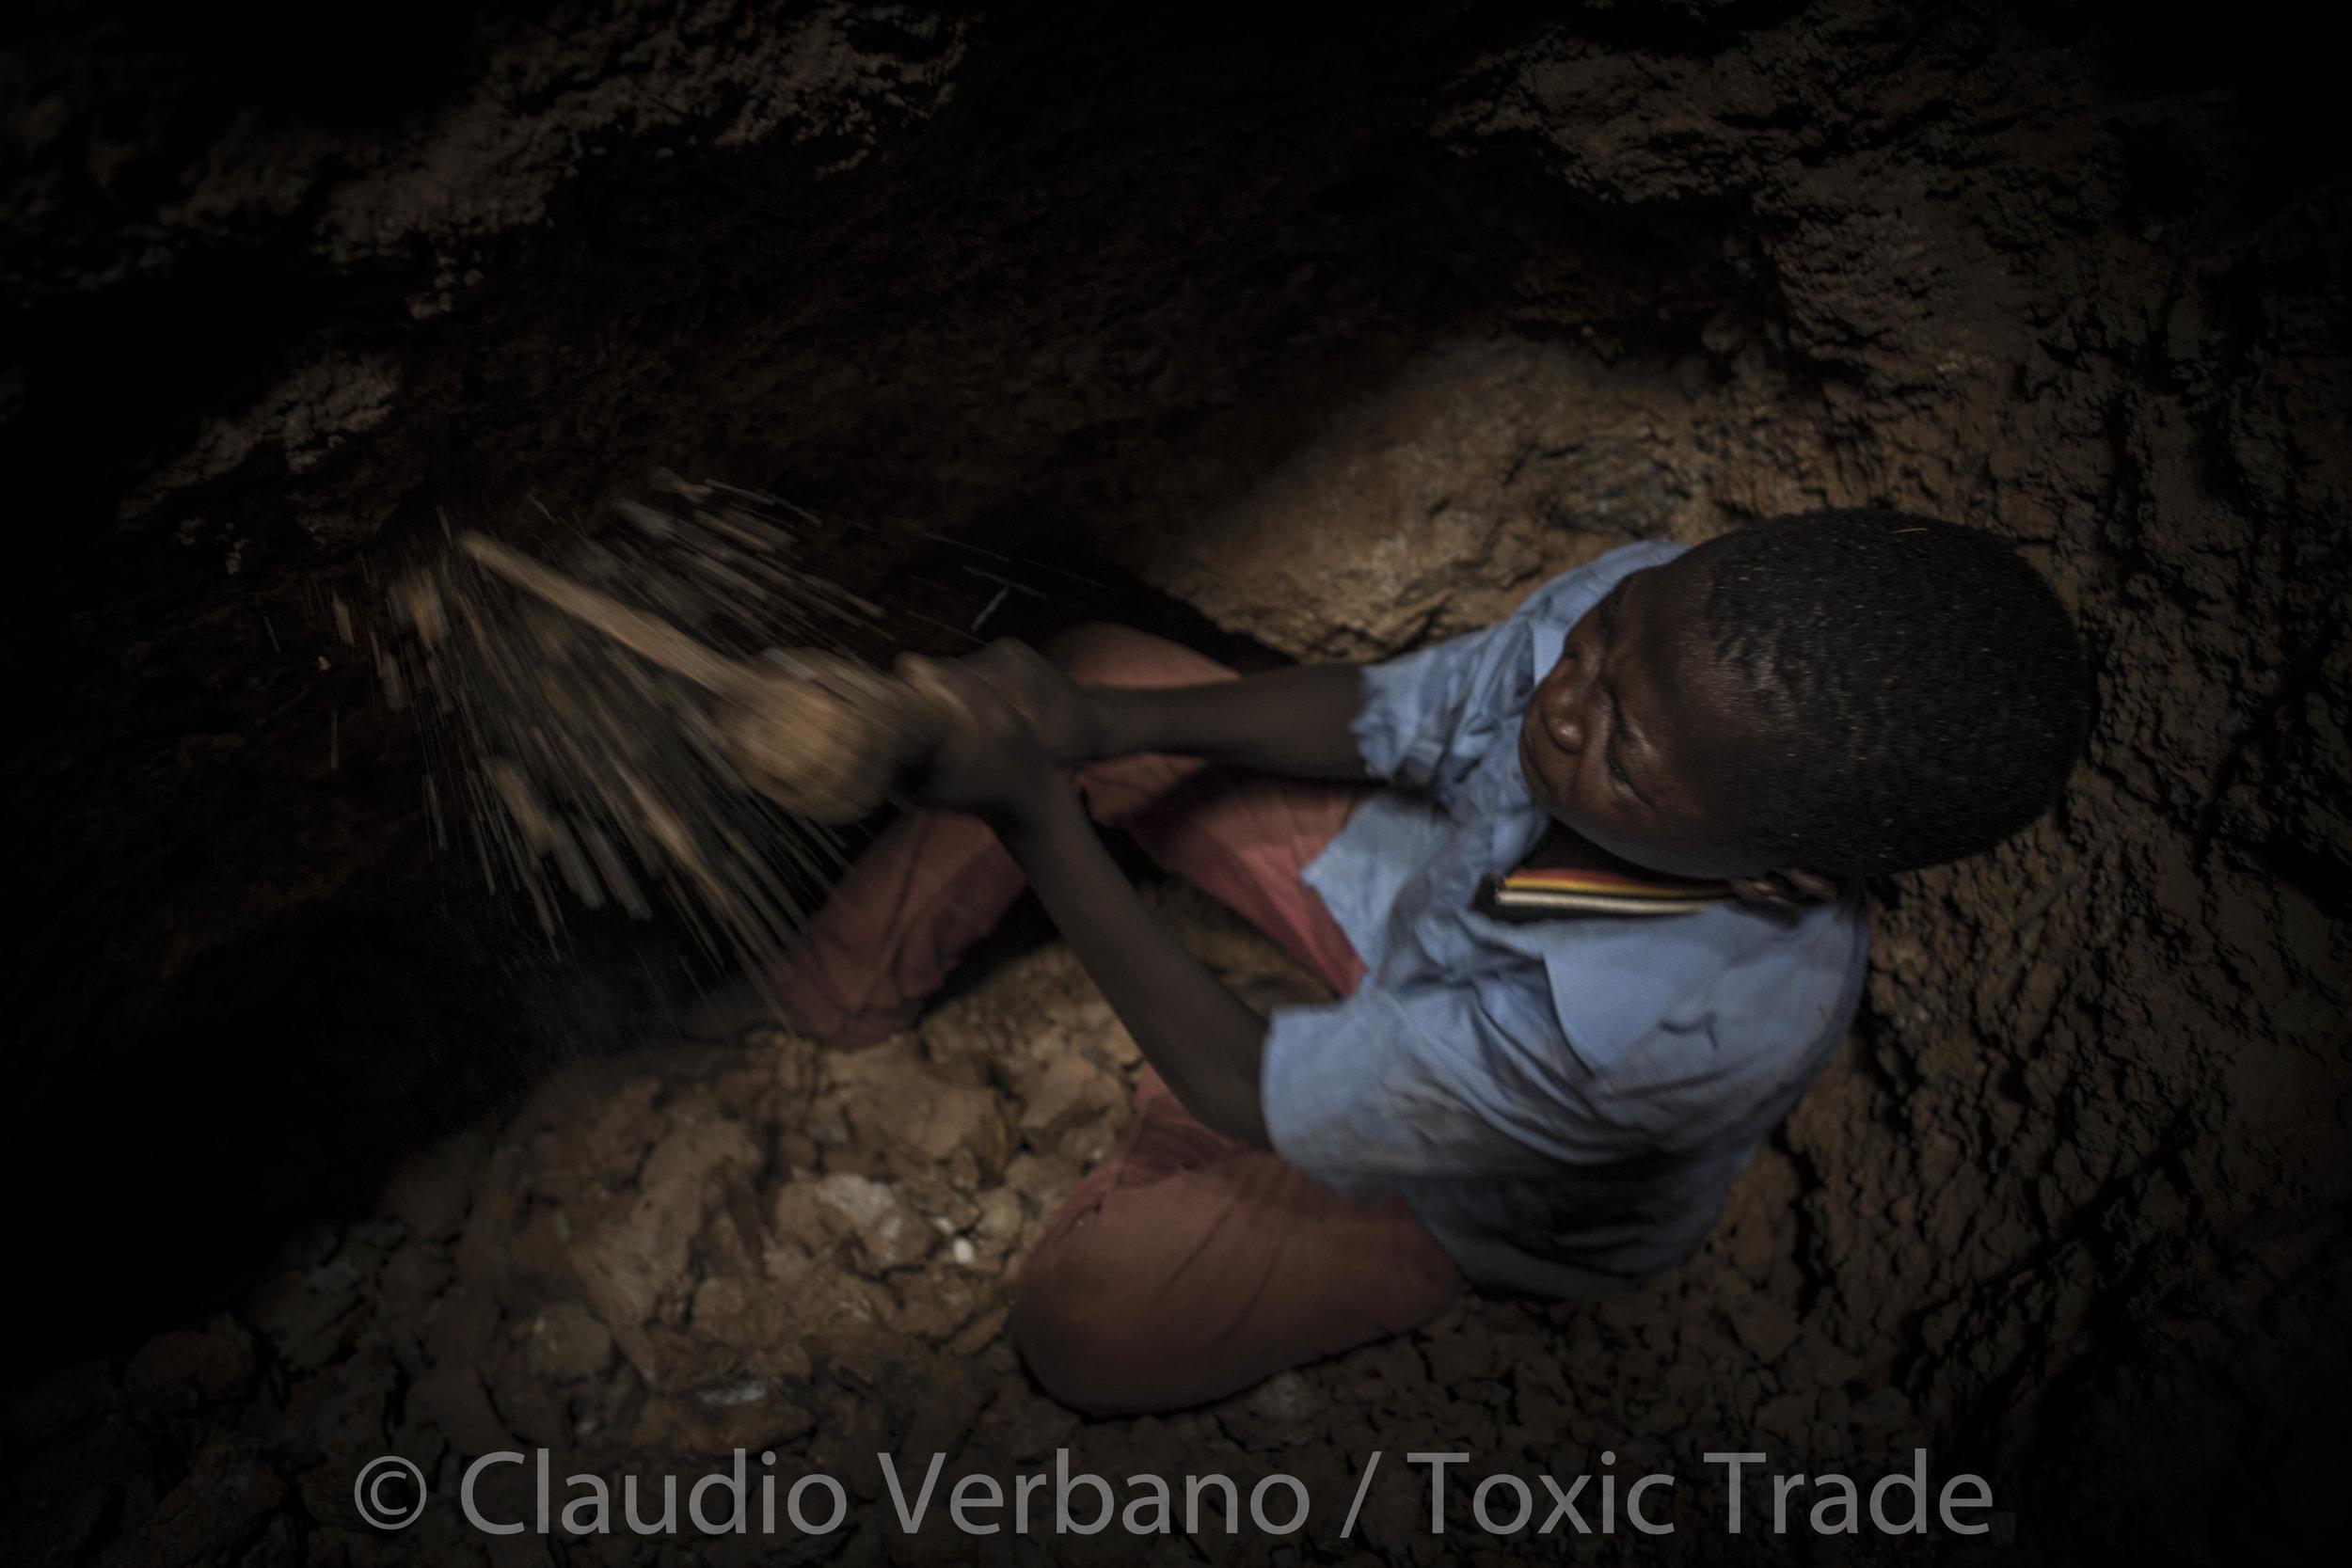 ClaudioVerbano_ToxicTrade_web_02.jpg